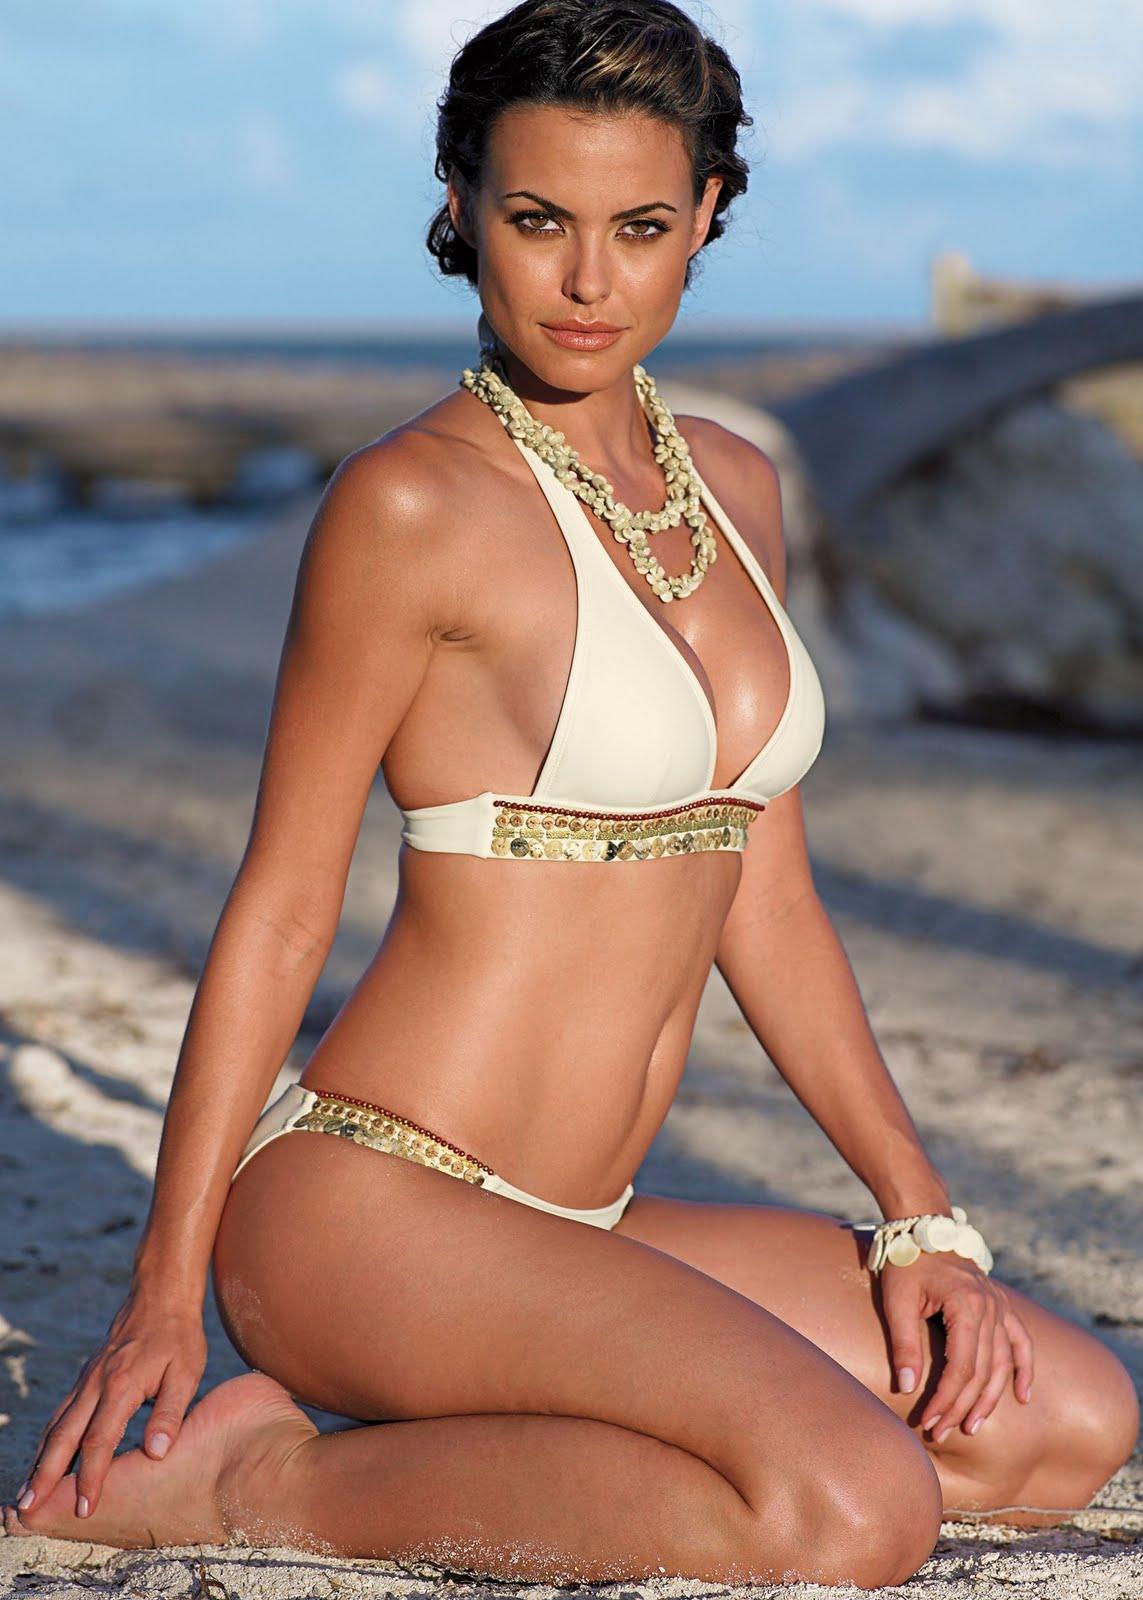 Fernanda Mello sexy pic